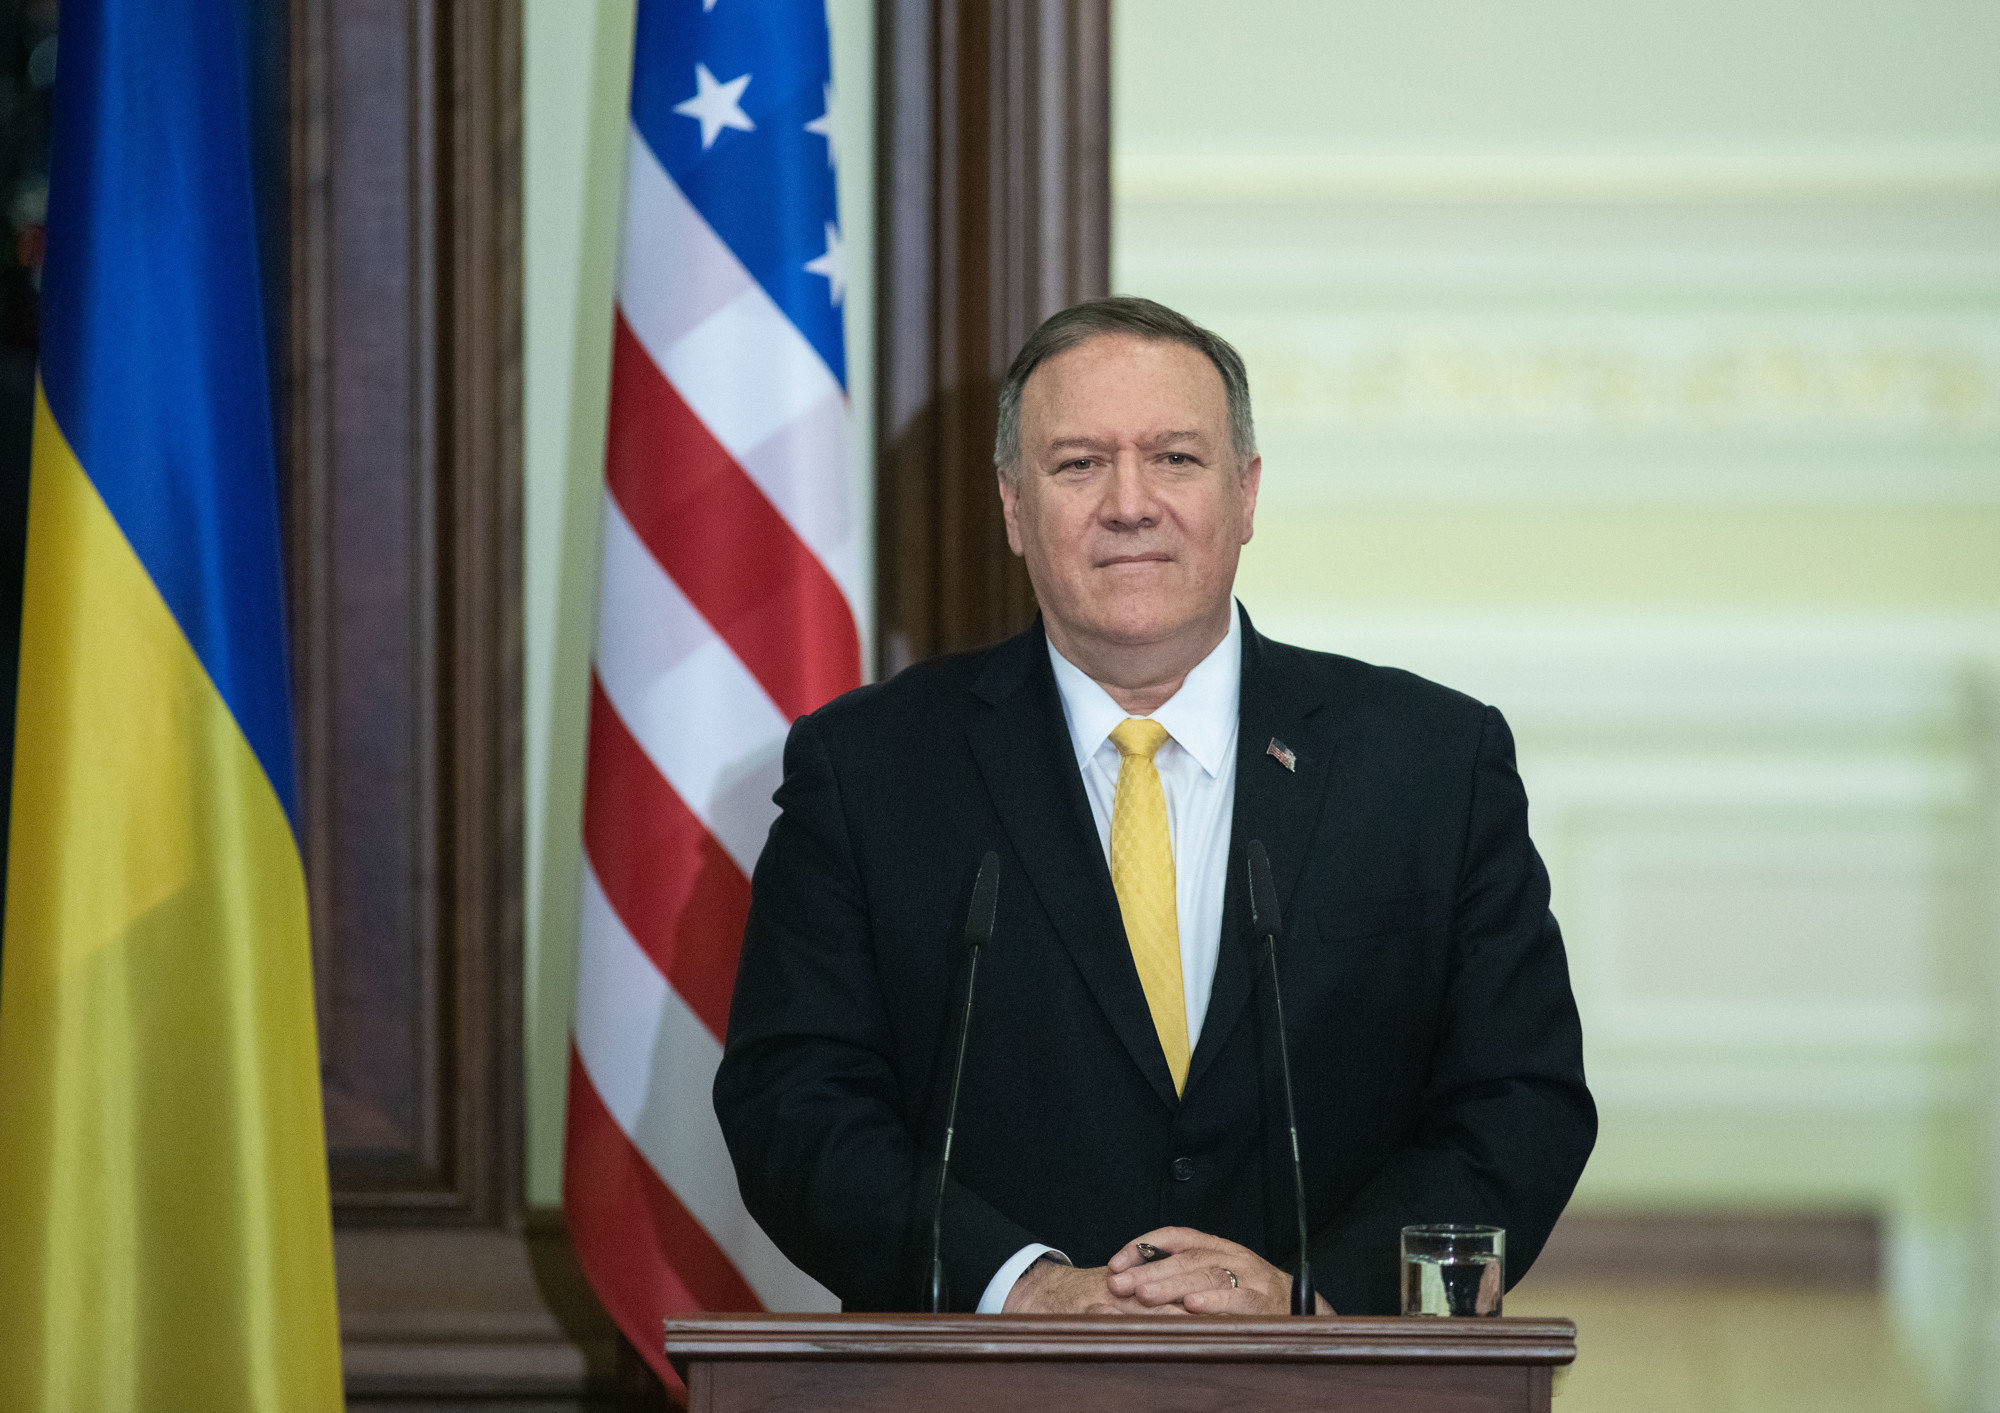 Помпео назвал Россию врагом США